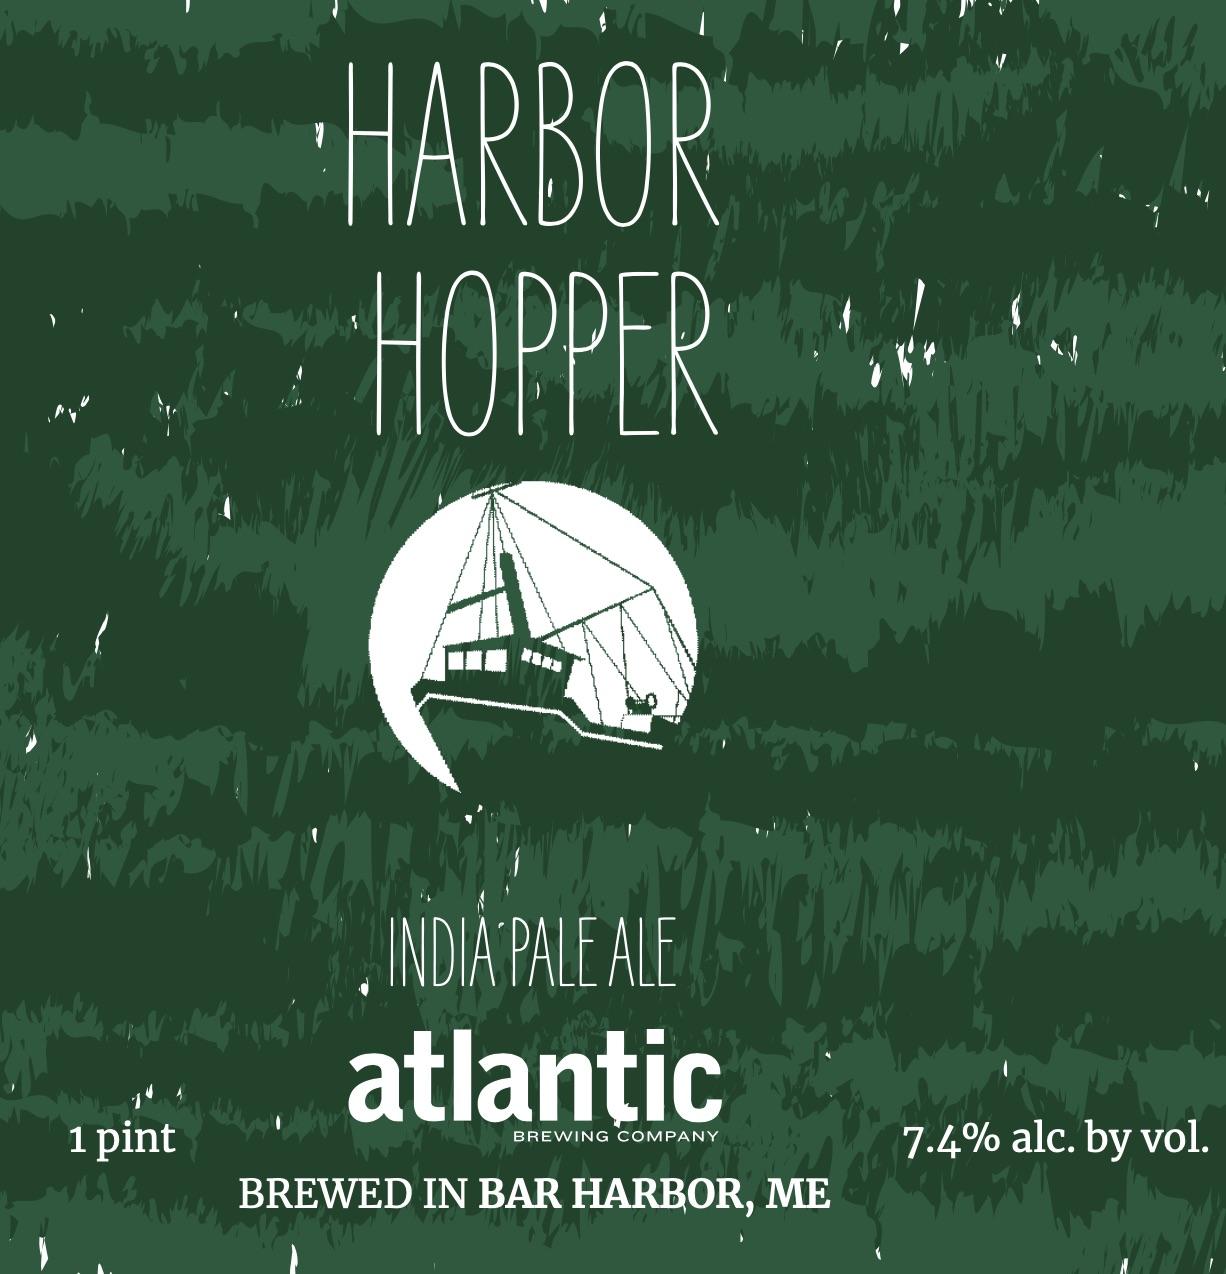 Harbor Hopper